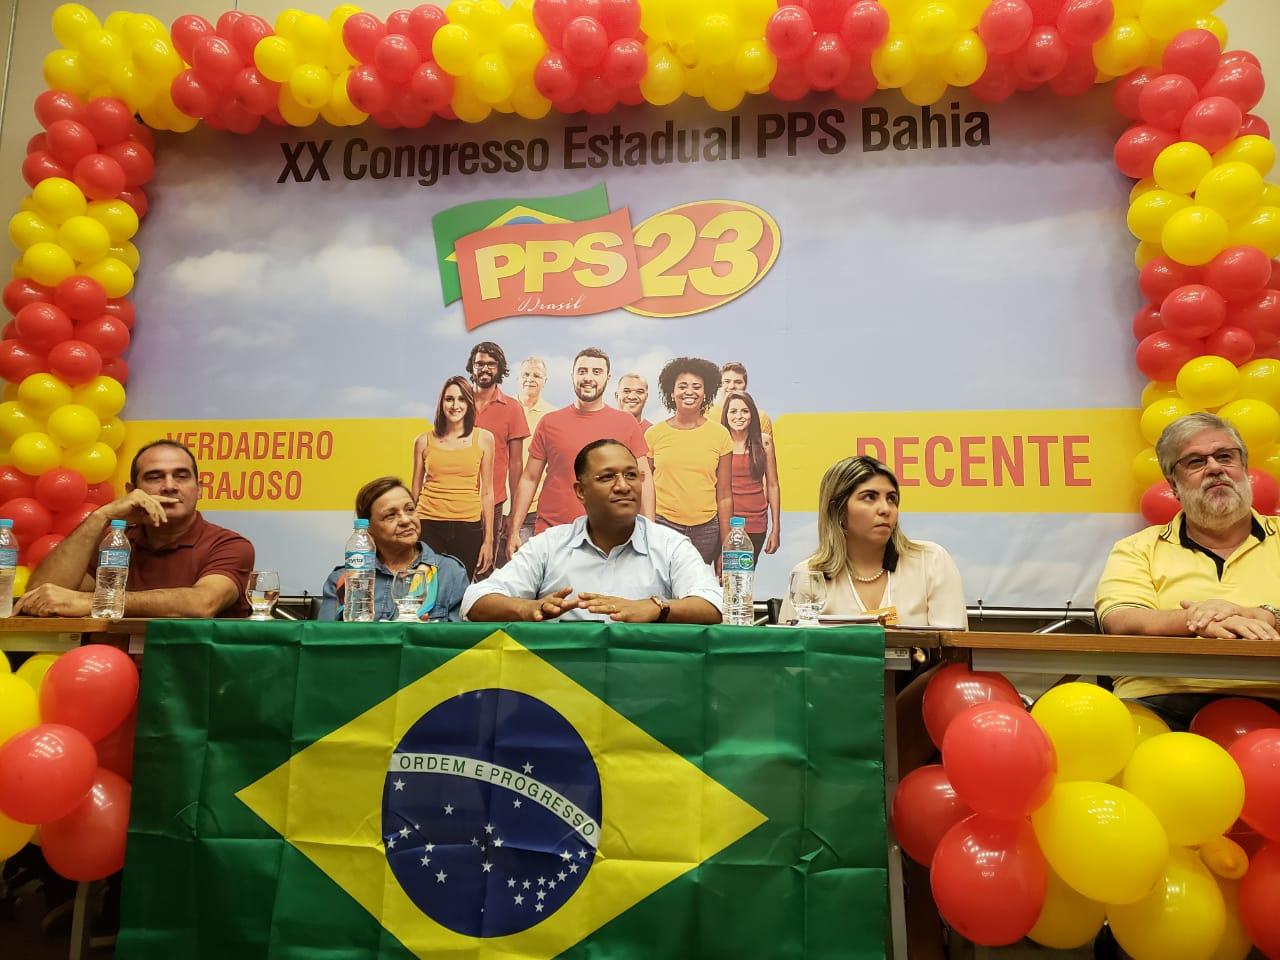 Congresso Estadual do PPS marca novo projeto de governo da sigla na Bahia